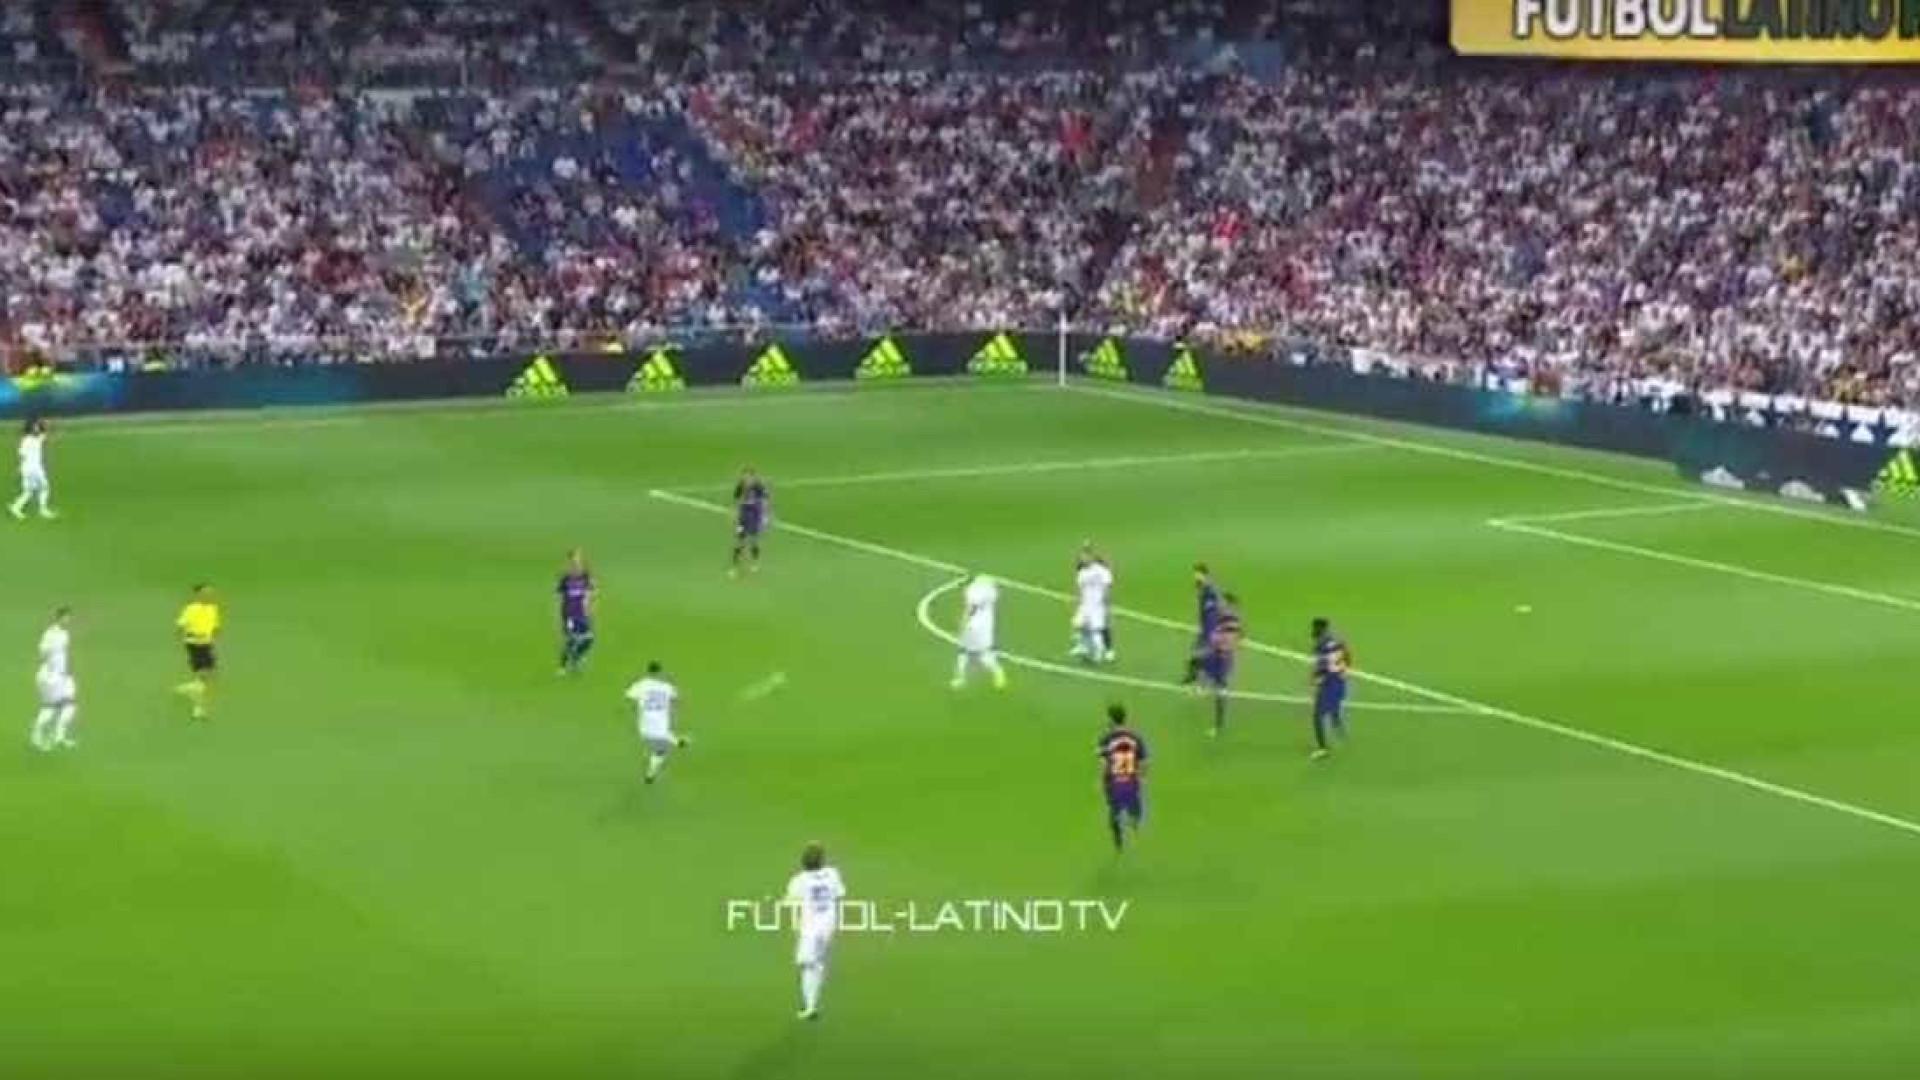 Asensio tomou-lhe o gosto e voltou a marcar um golaço ao Barcelona